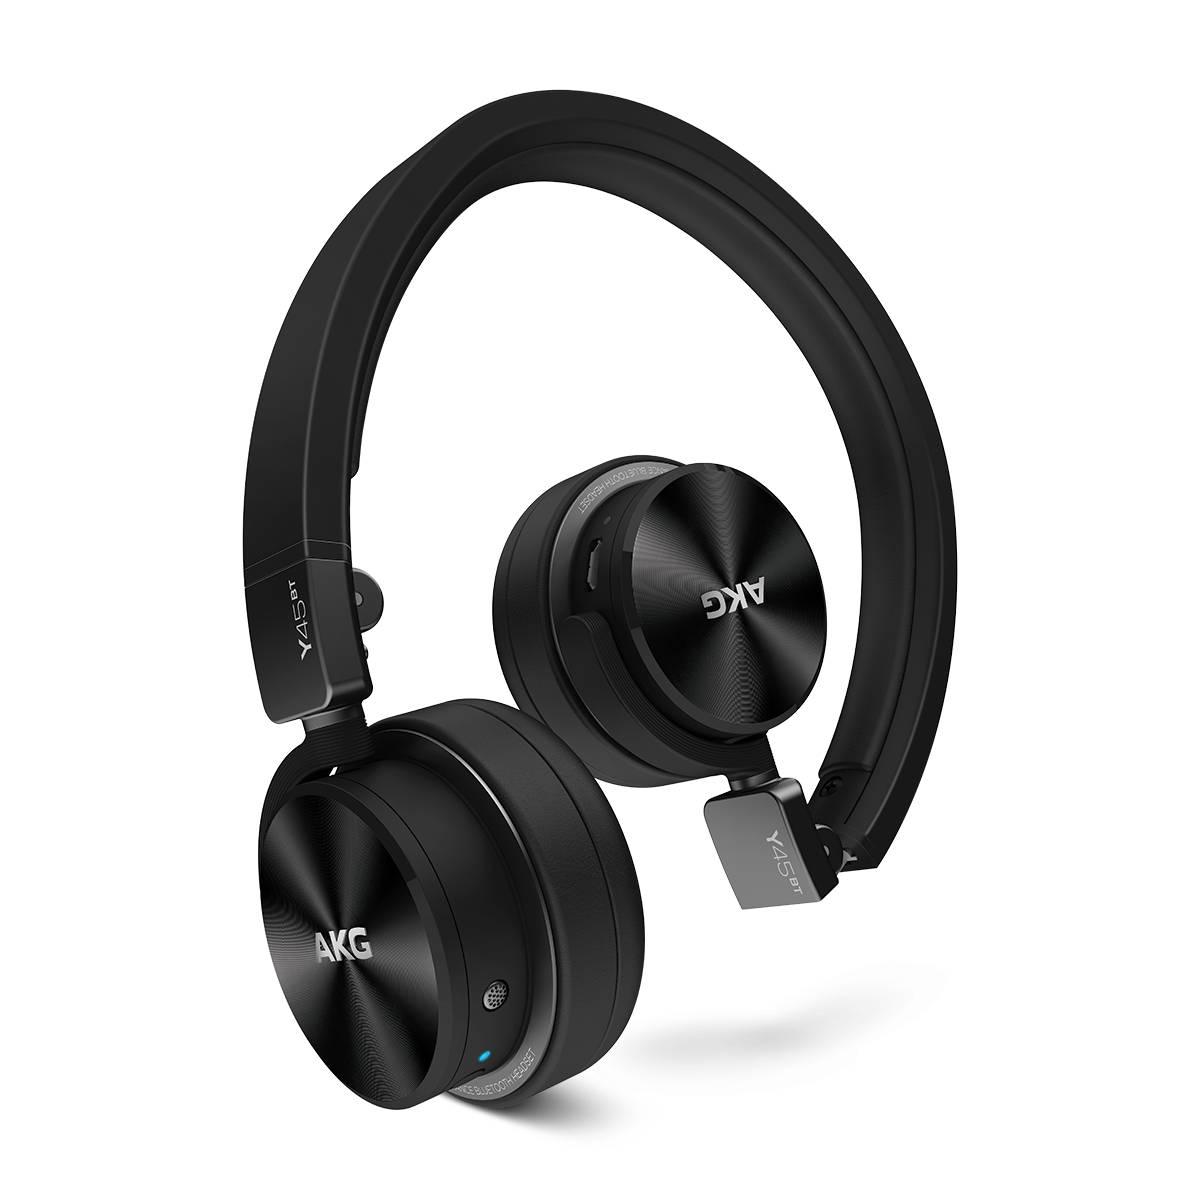 Casque AKG Y 45BT Noir Casque supra-auriculaire fermé Bluetooth avec micro intégré